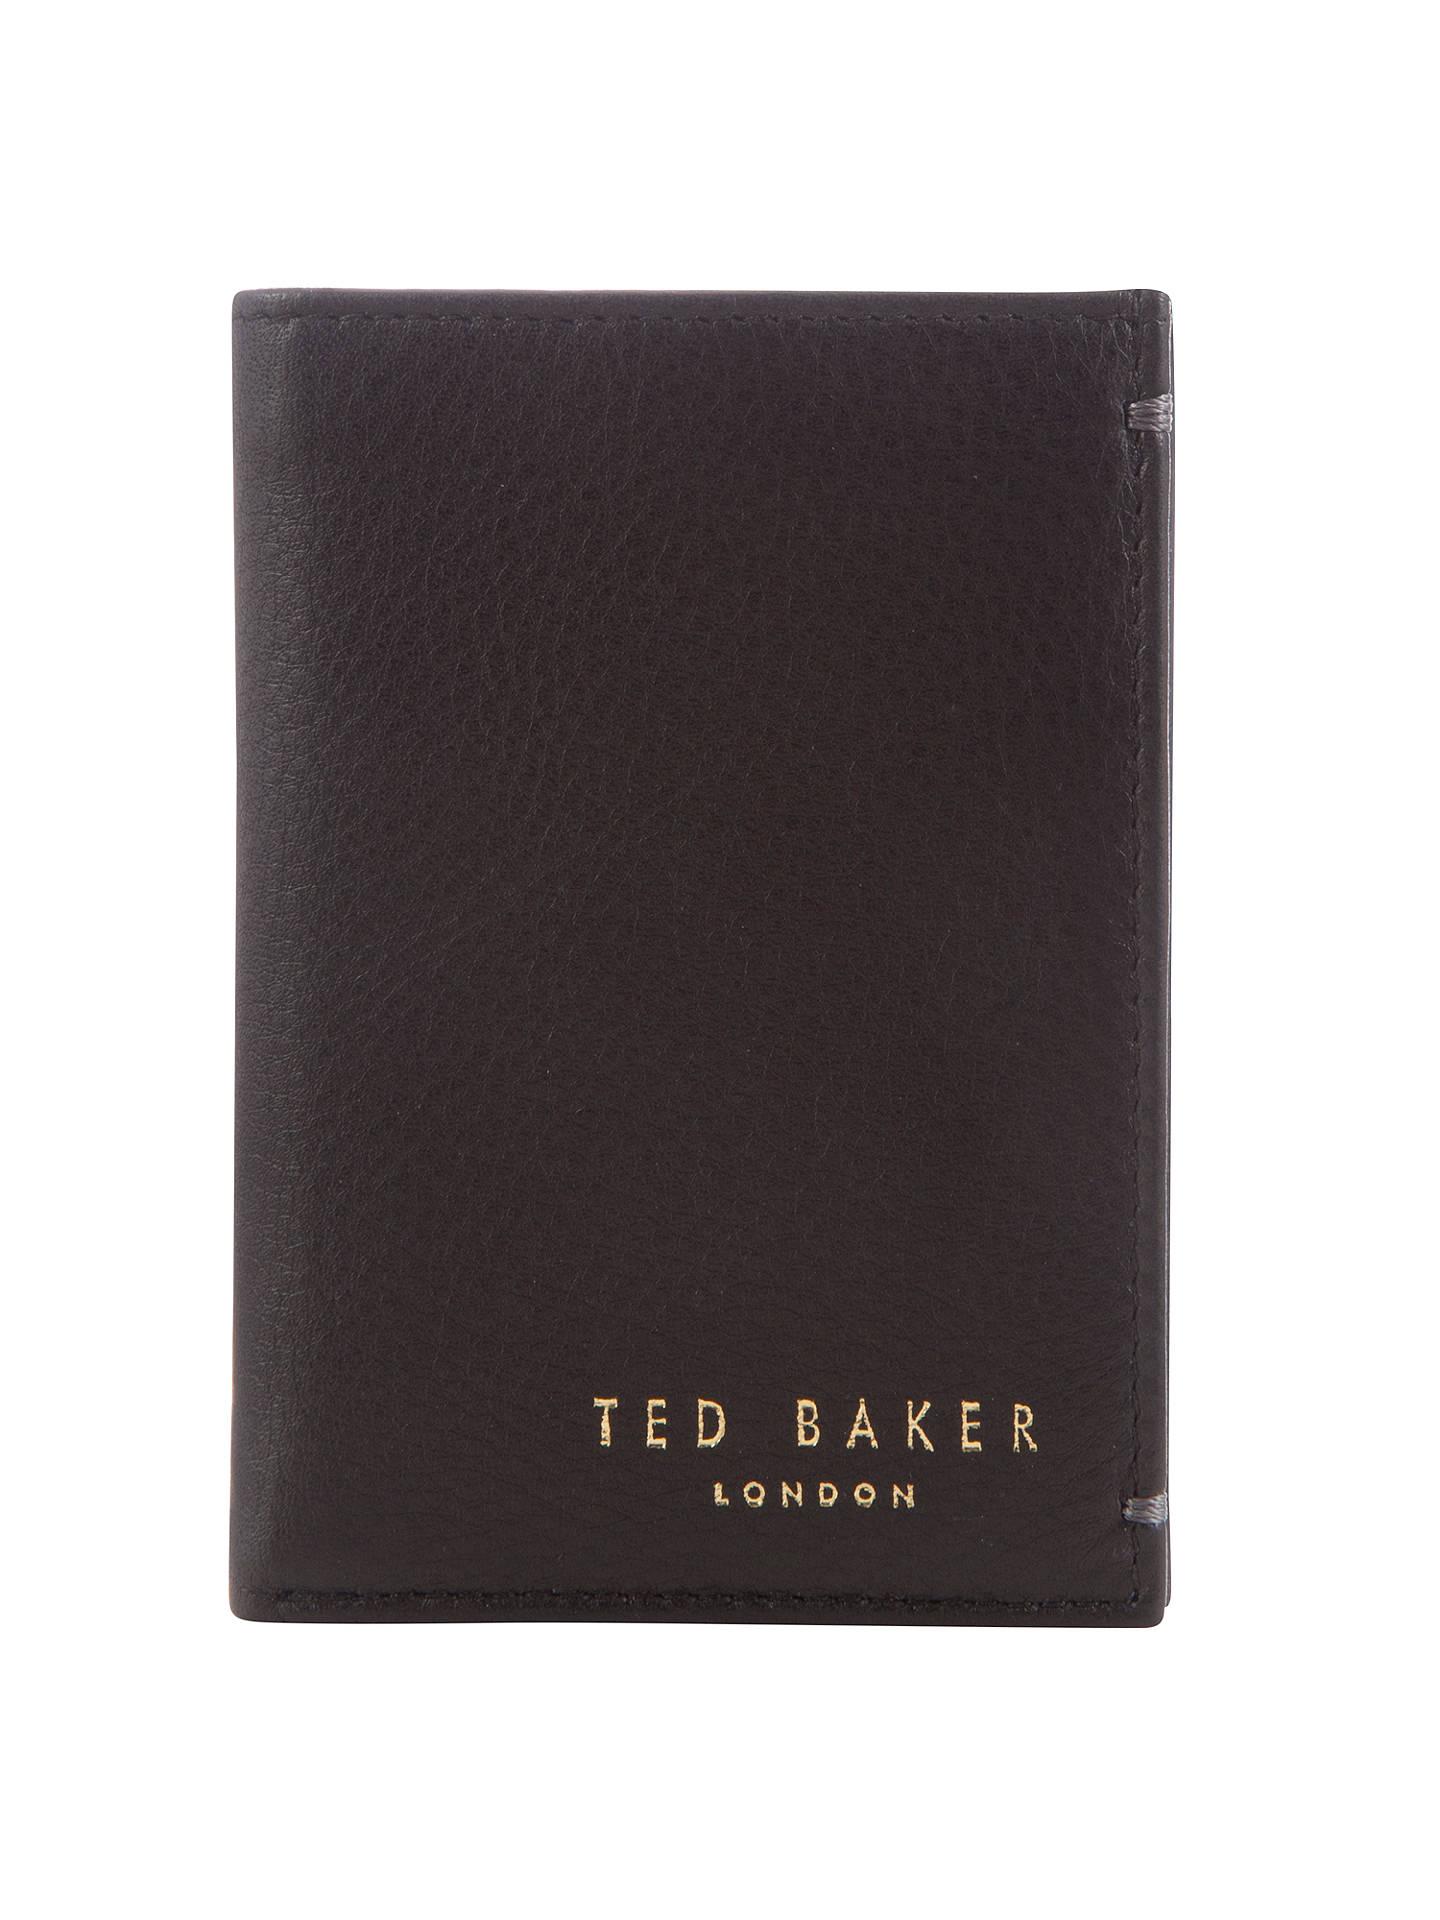 2bff8b37e1ca Buy Ted Baker Zacks Credit Card Holder, Black Online at johnlewis.com ...